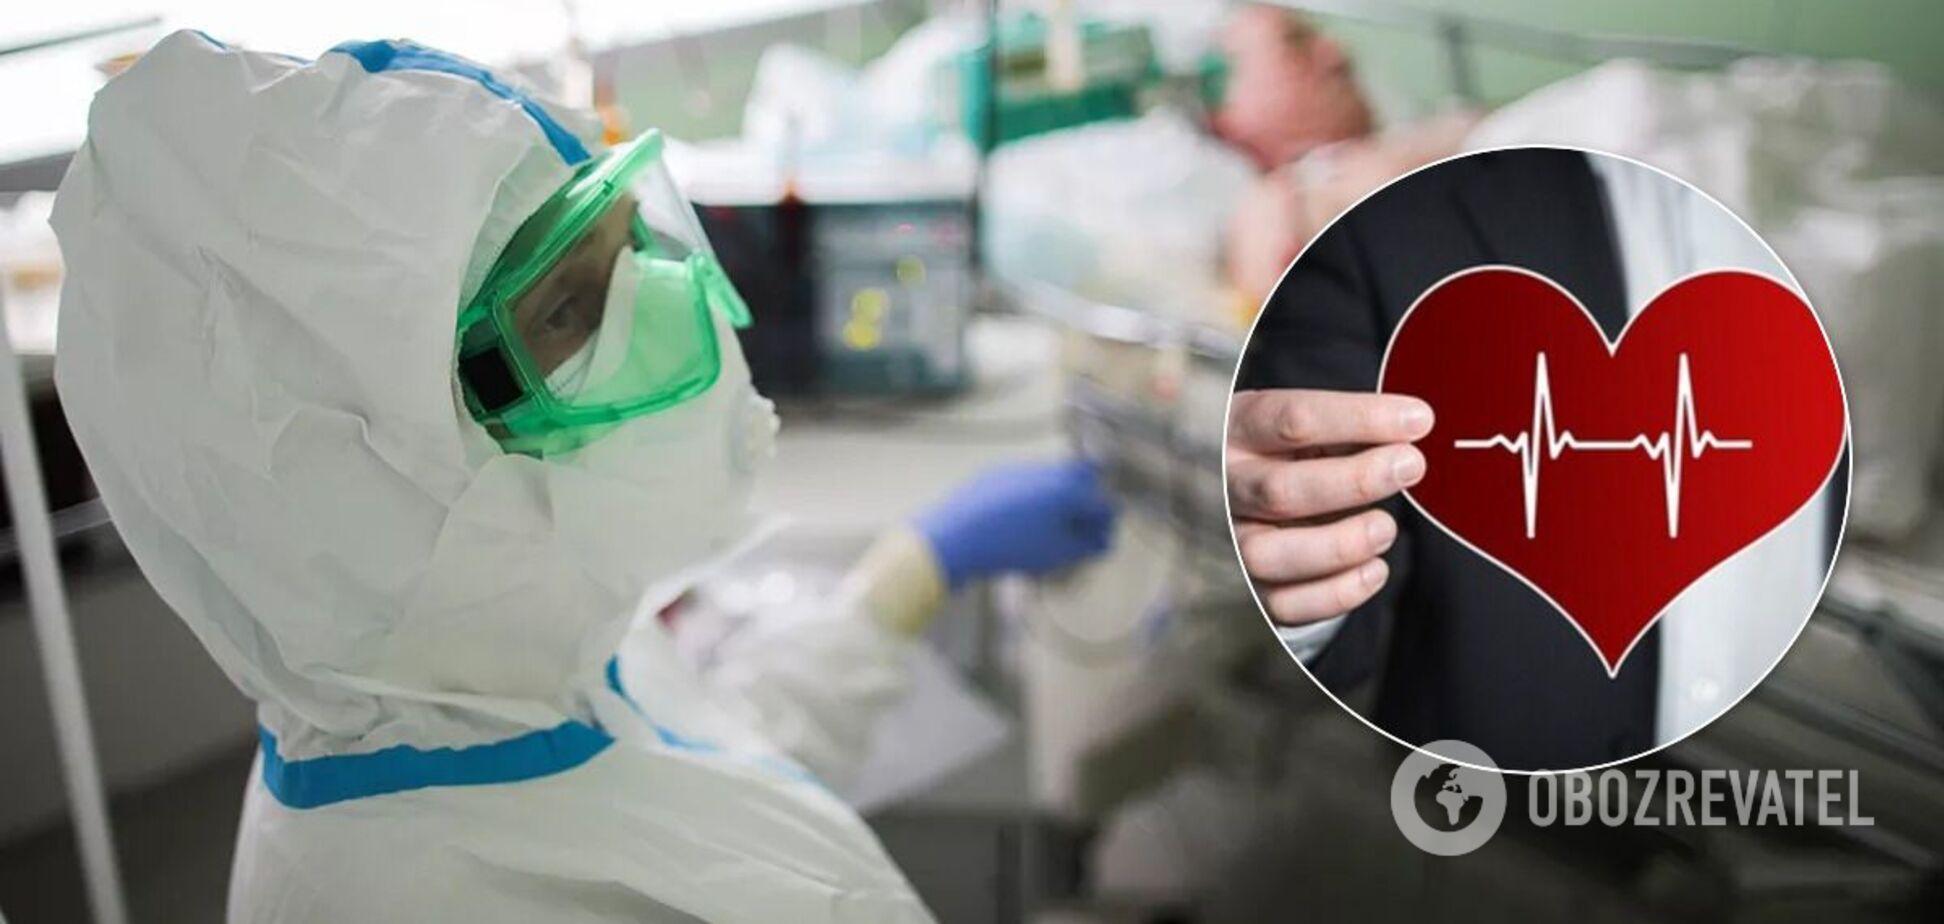 Не только коронавирус: названы болезни, от которых больше всего умирают украинцы